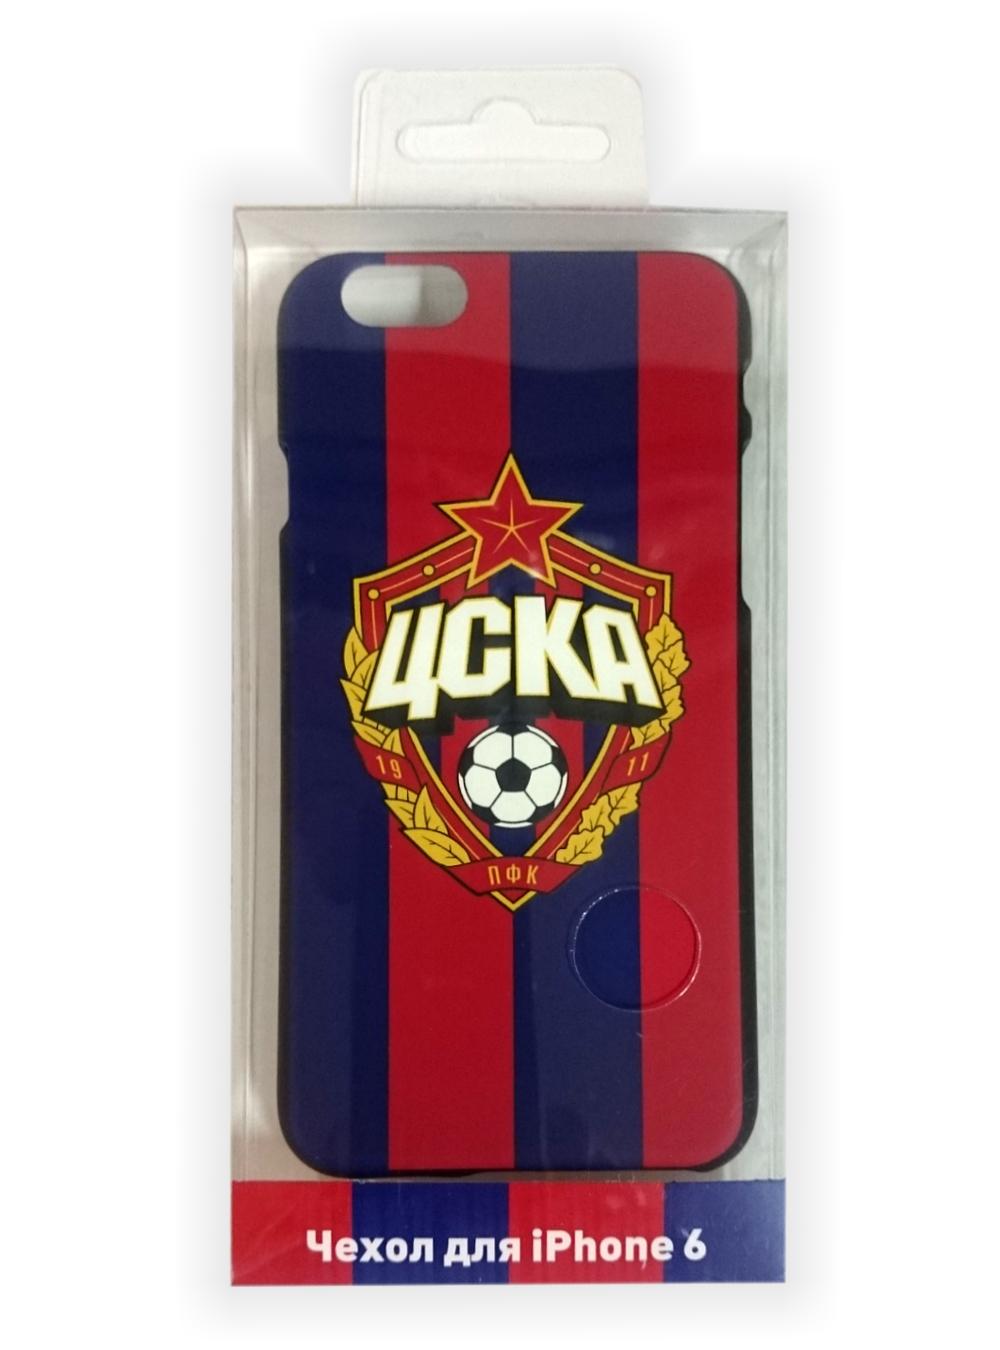 Клип-кейс для iPhone 6/6S с объемной эмблемой ПФК ЦСКА, цвет красно-синий